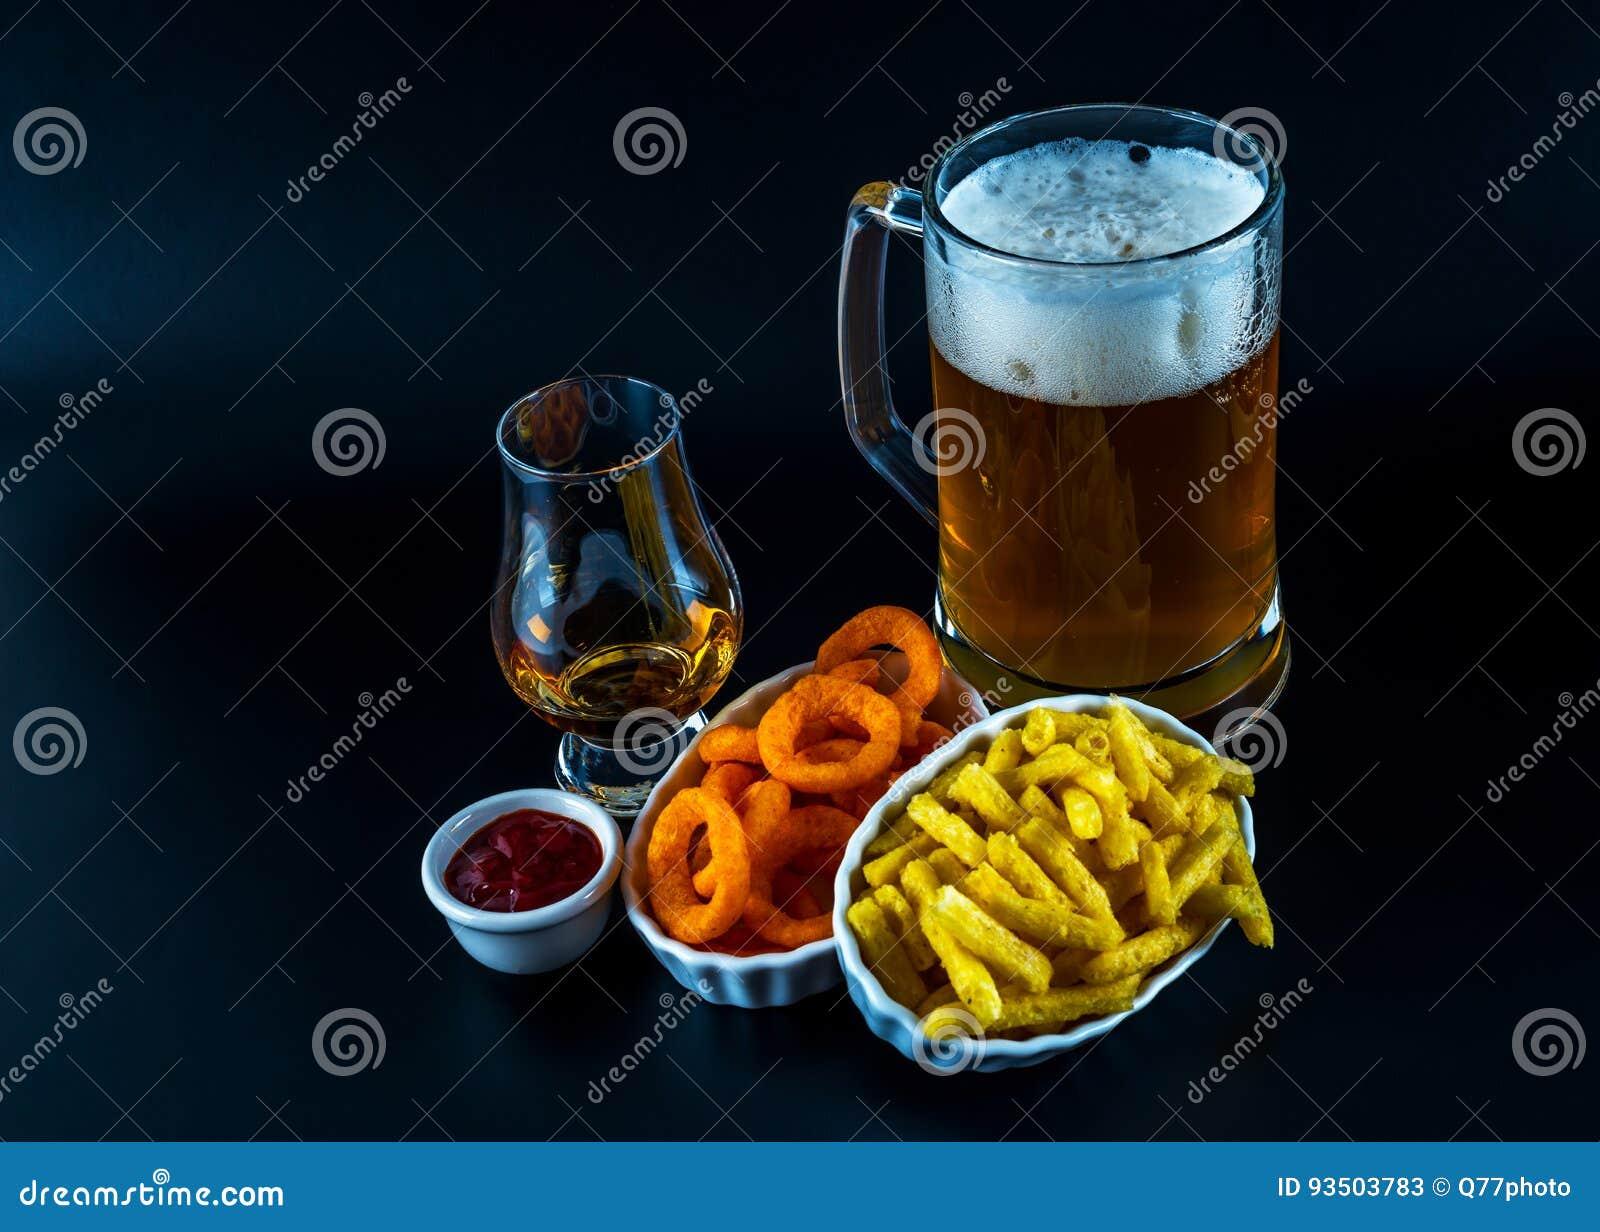 Satz Snäcke mit verschiedenen Bädern, einzelnes Malz in einem Glas und PU